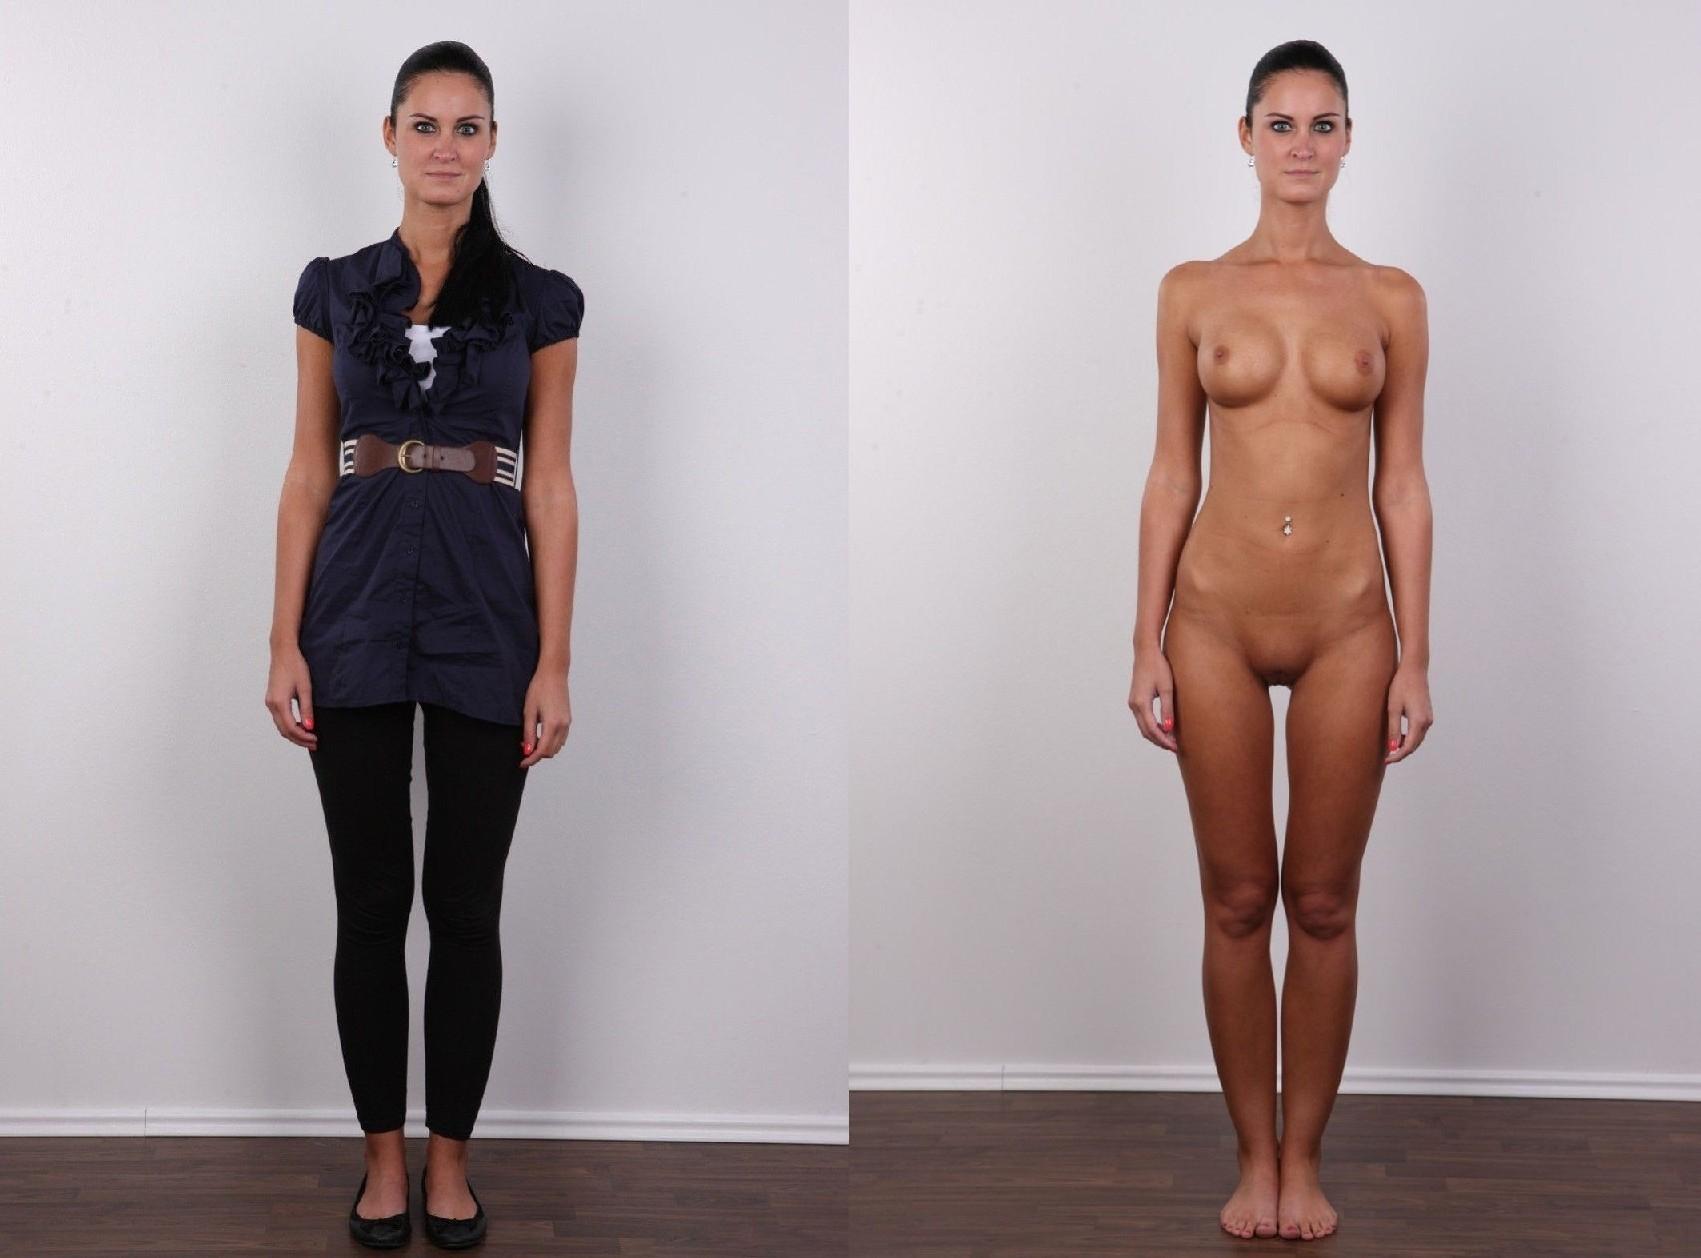 Фото одетых и без одежды, 70 фоток девок в одежде и без нее - Эротические фото 8 фотография